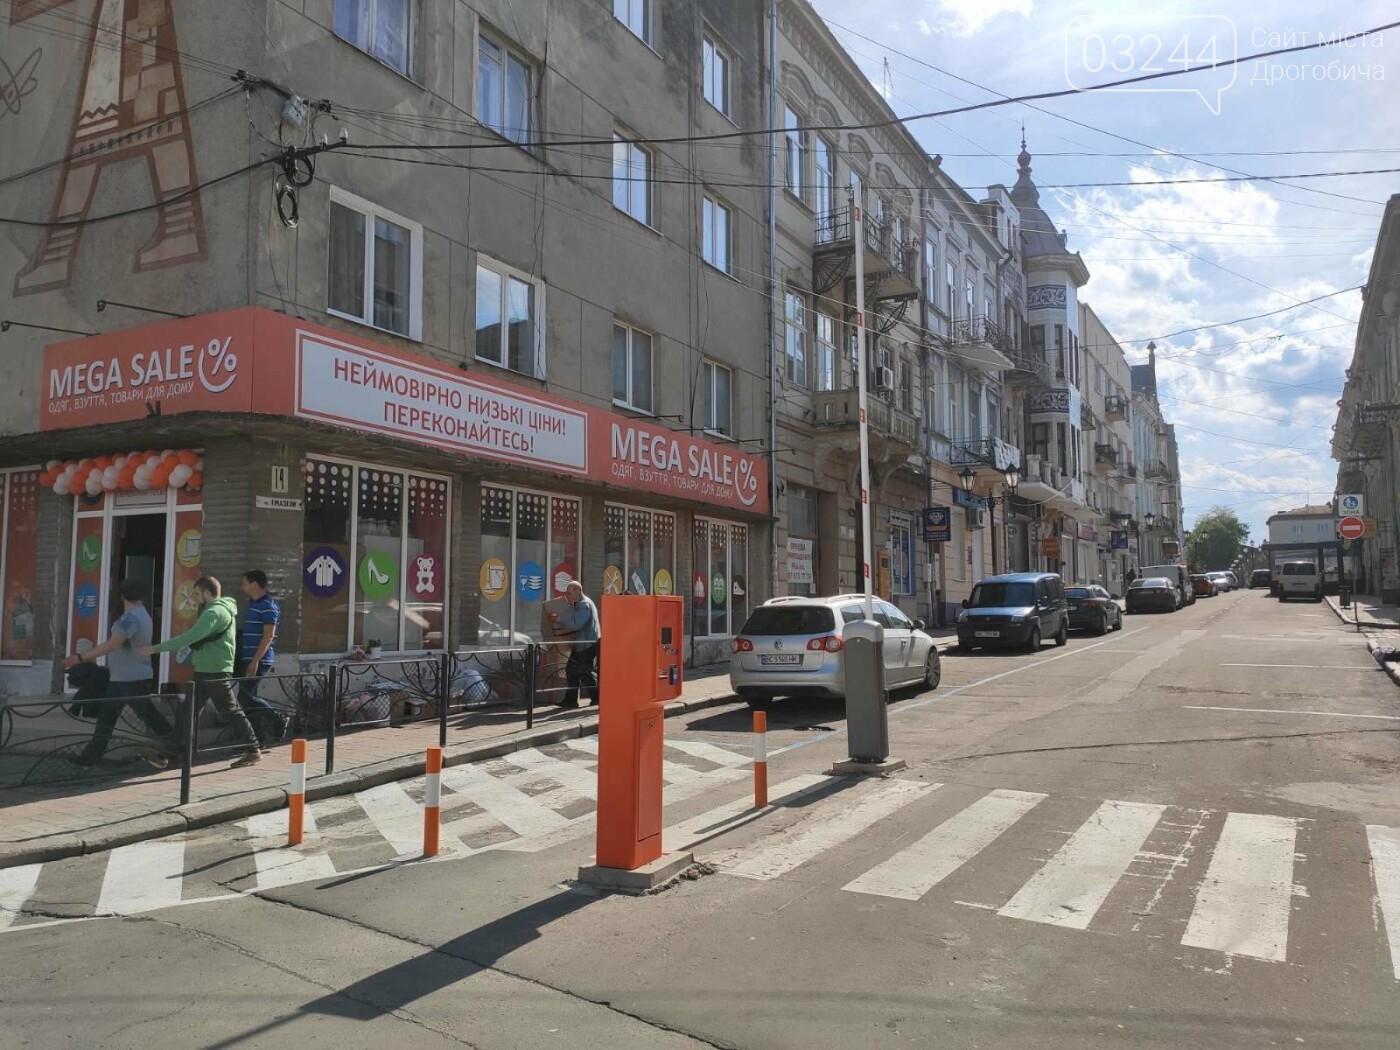 У центрі Дрогобича з понеділка розпочинають тестувати платну систему паркування, фото-2